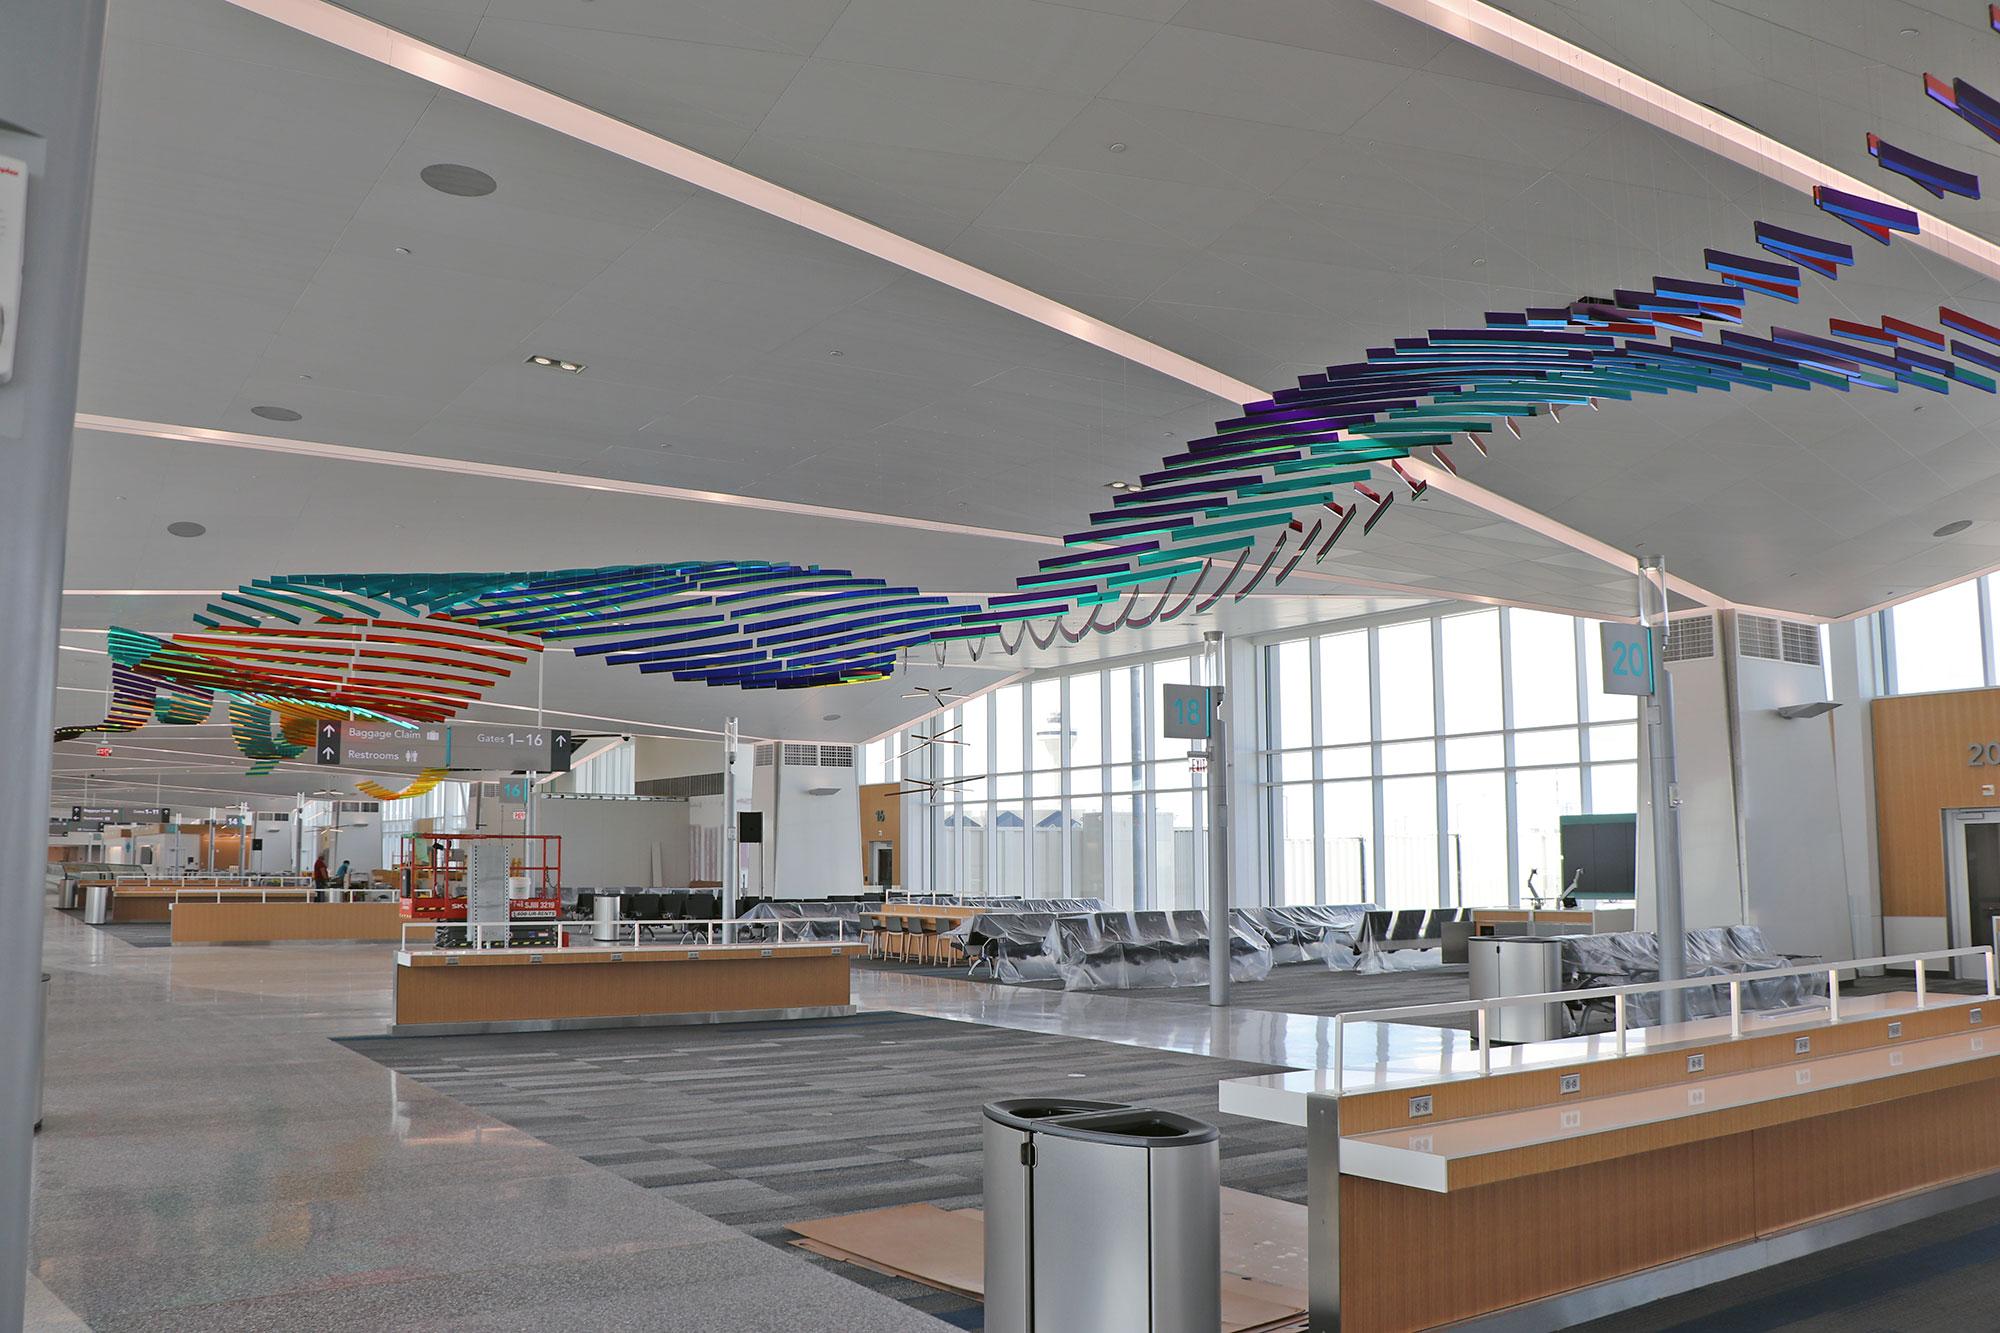 July 2021 Concourse Modernization